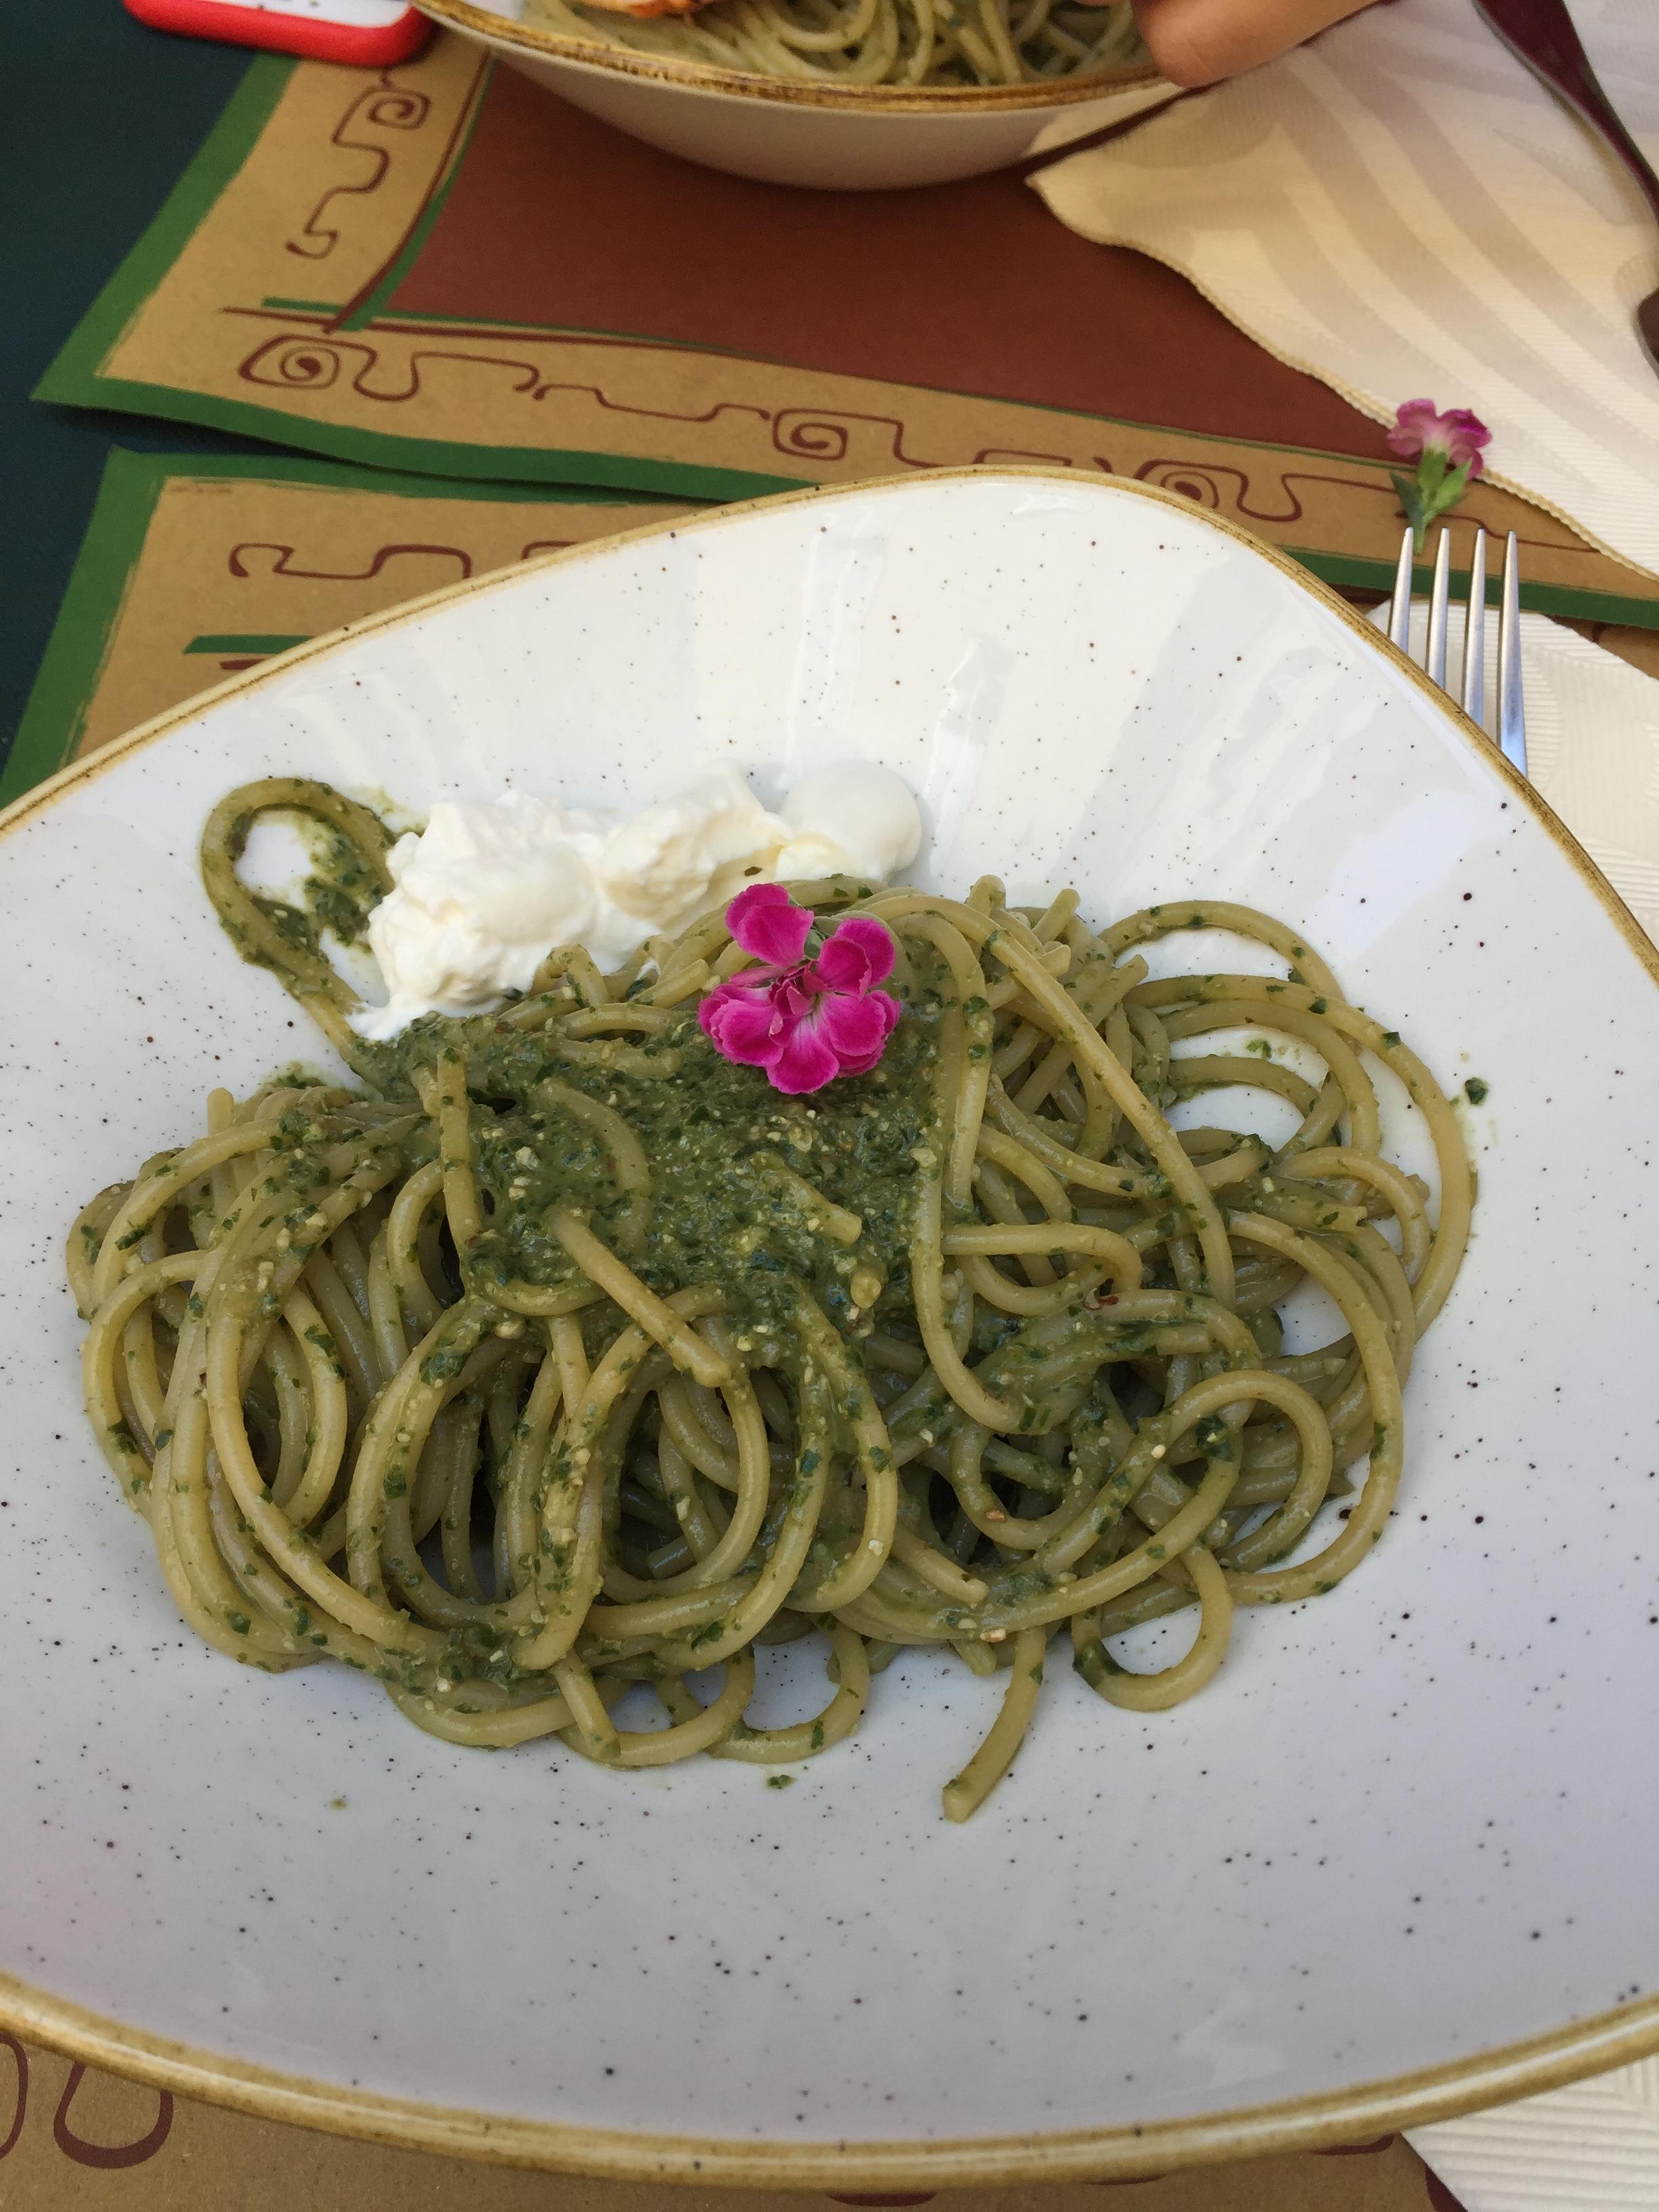 spaghetti with pesto and stracciatella cheese at Tuscher Cafe